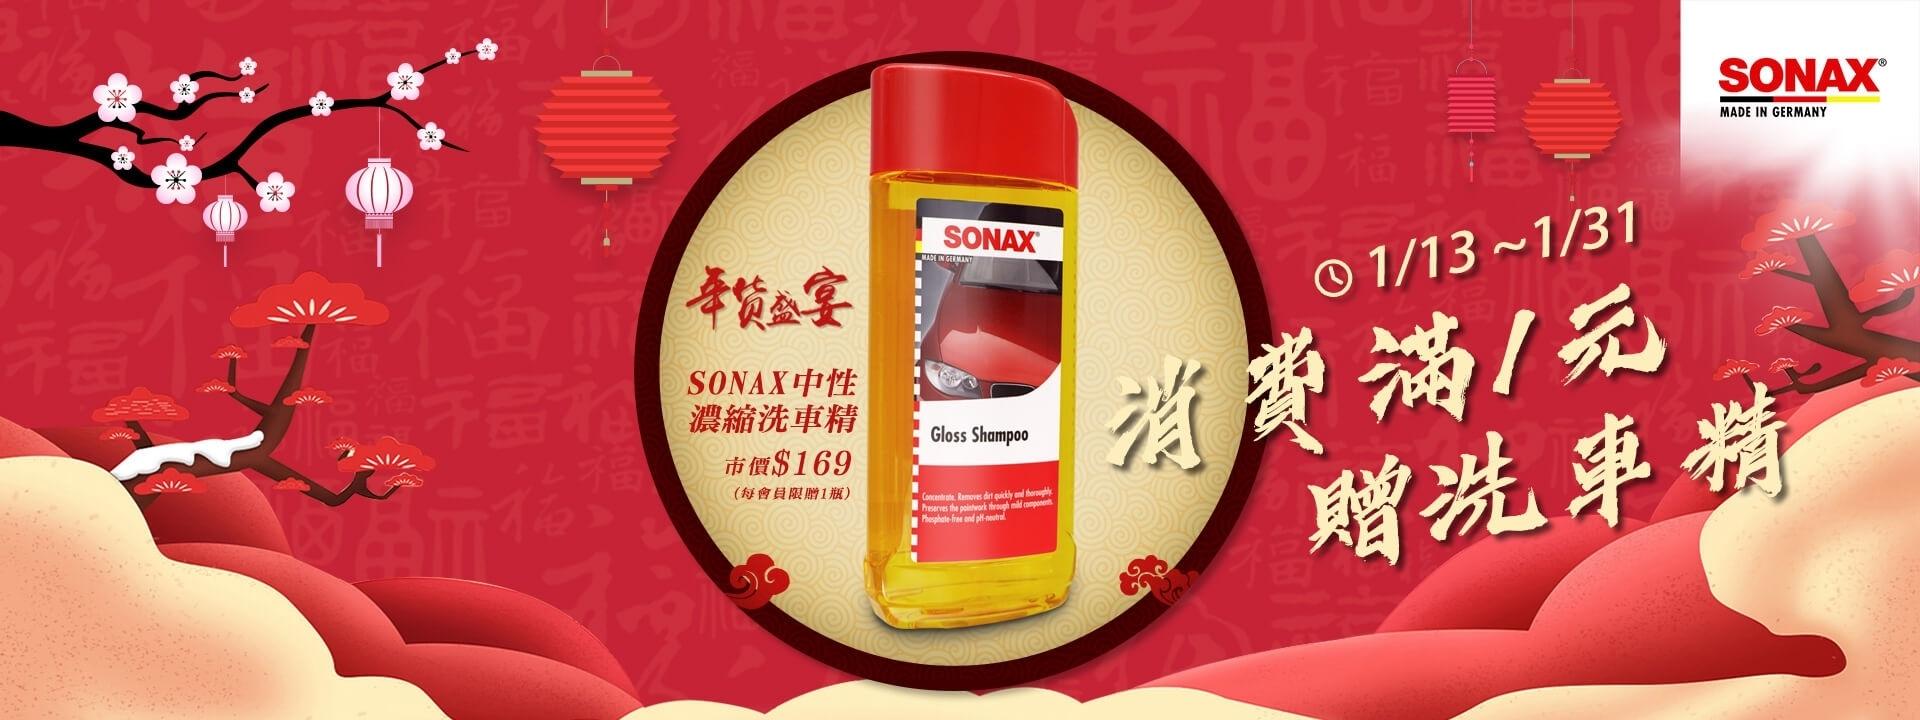 sonax,新年活動,春節,濃縮洗車精,中性,消費即贈